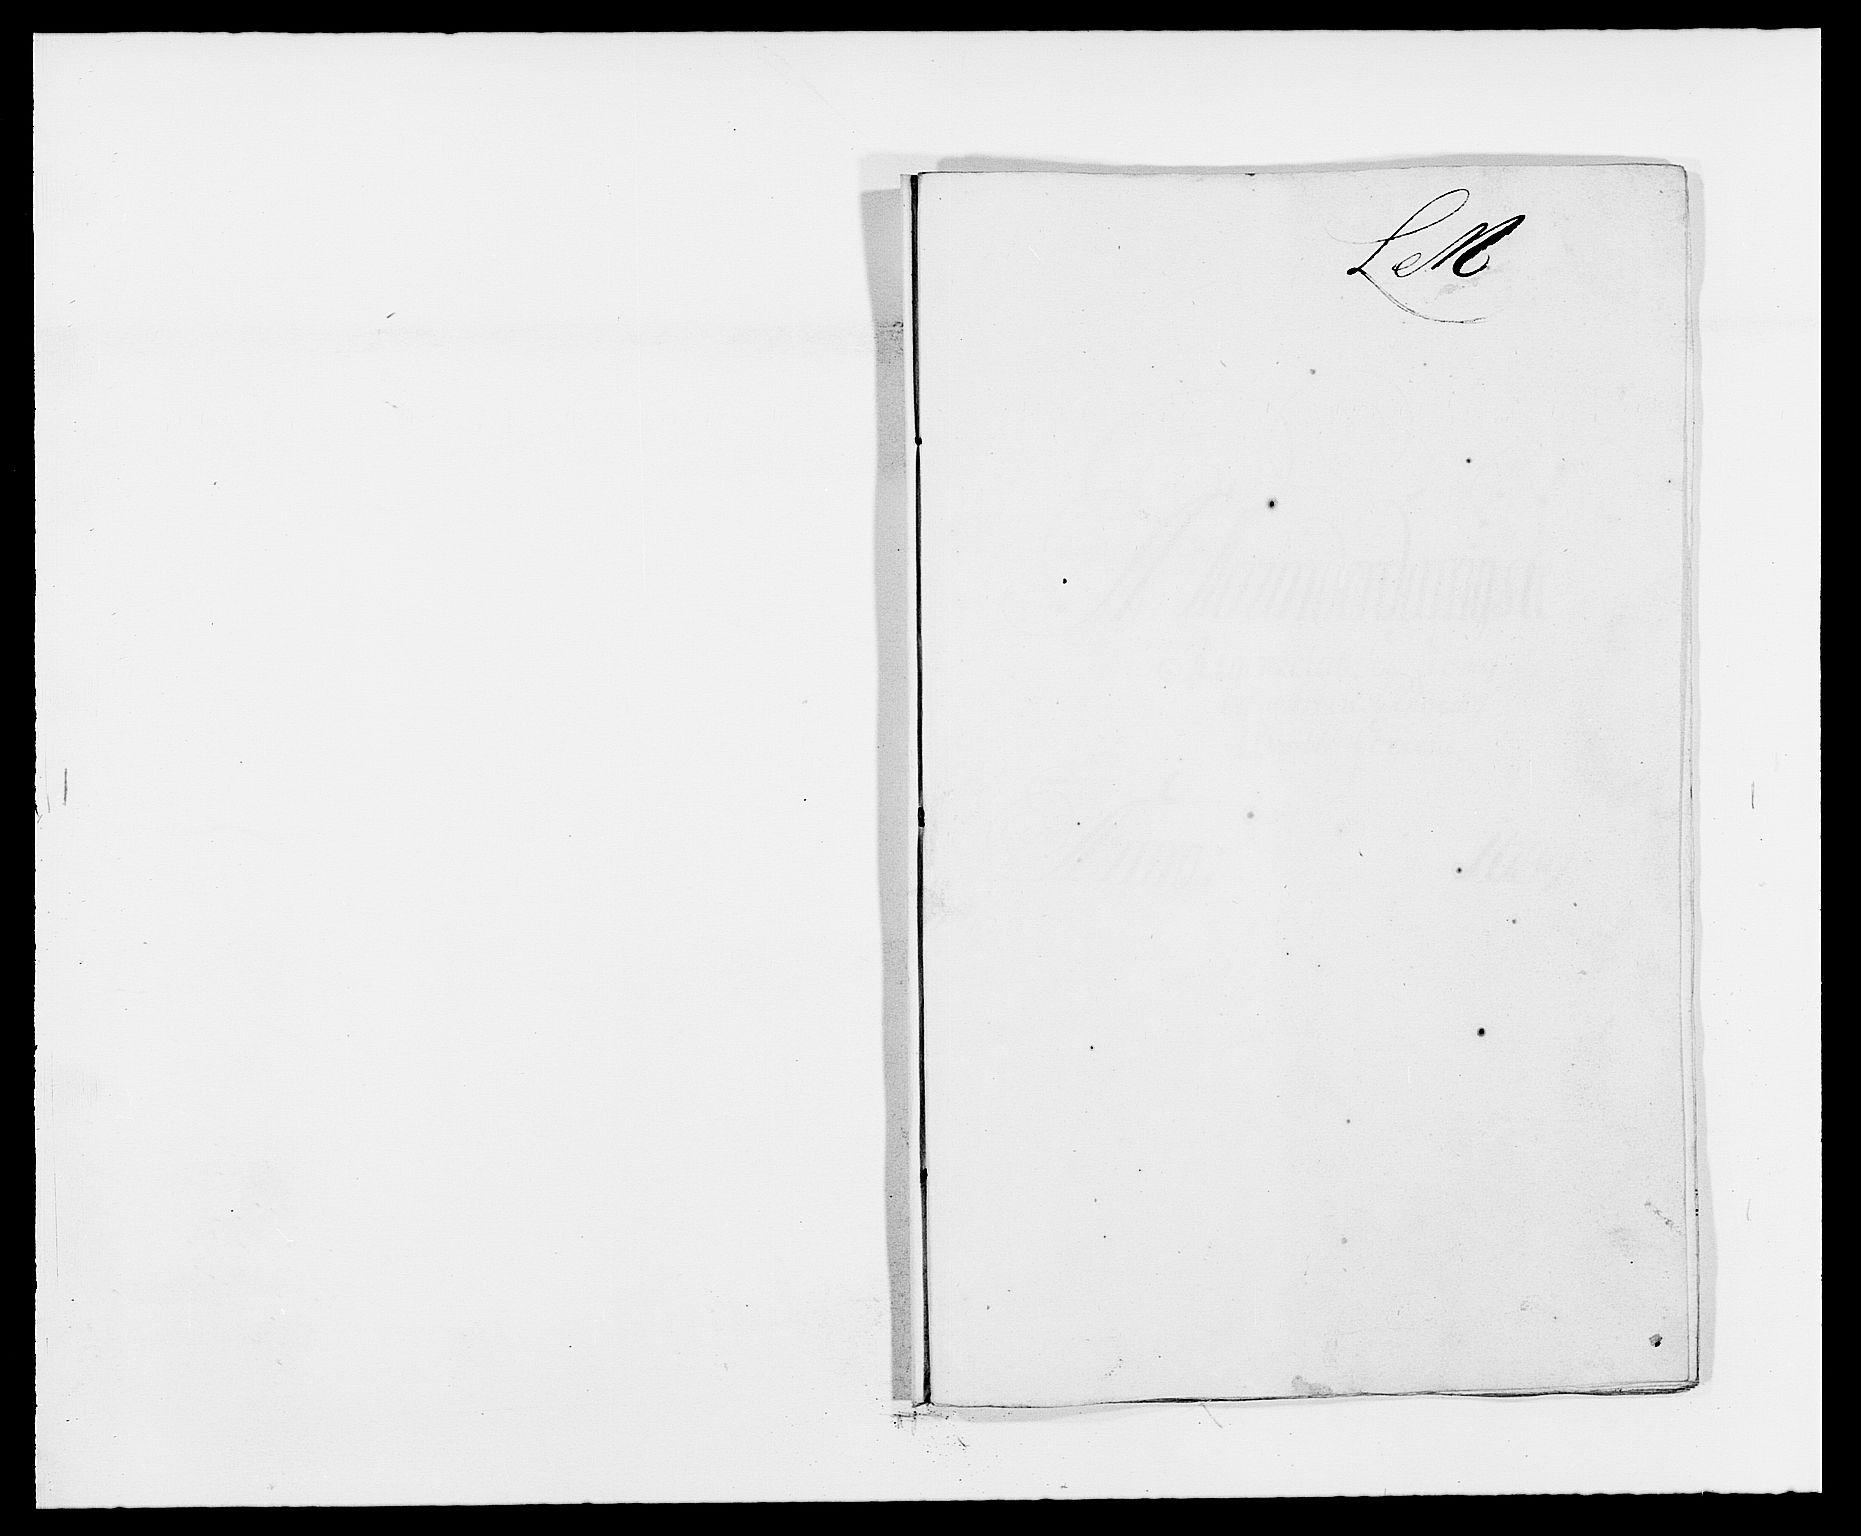 RA, Rentekammeret inntil 1814, Reviderte regnskaper, Fogderegnskap, R34/L2050: Fogderegnskap Bamble, 1688-1691, s. 220